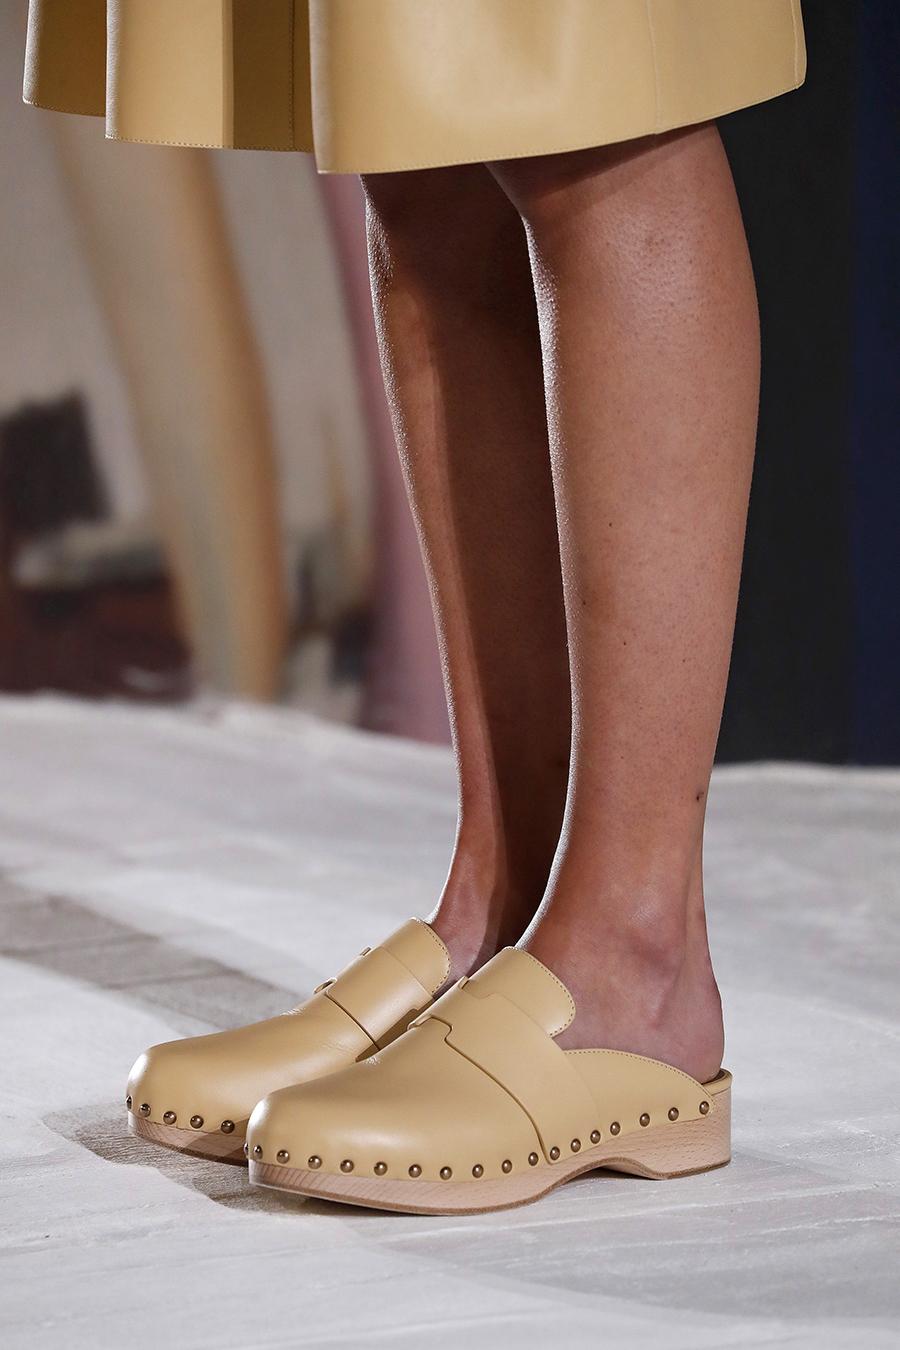 модная обувь лето 2021 на низком ходу плоская подошва без каблука женская клоги бежевые кожа кожаные